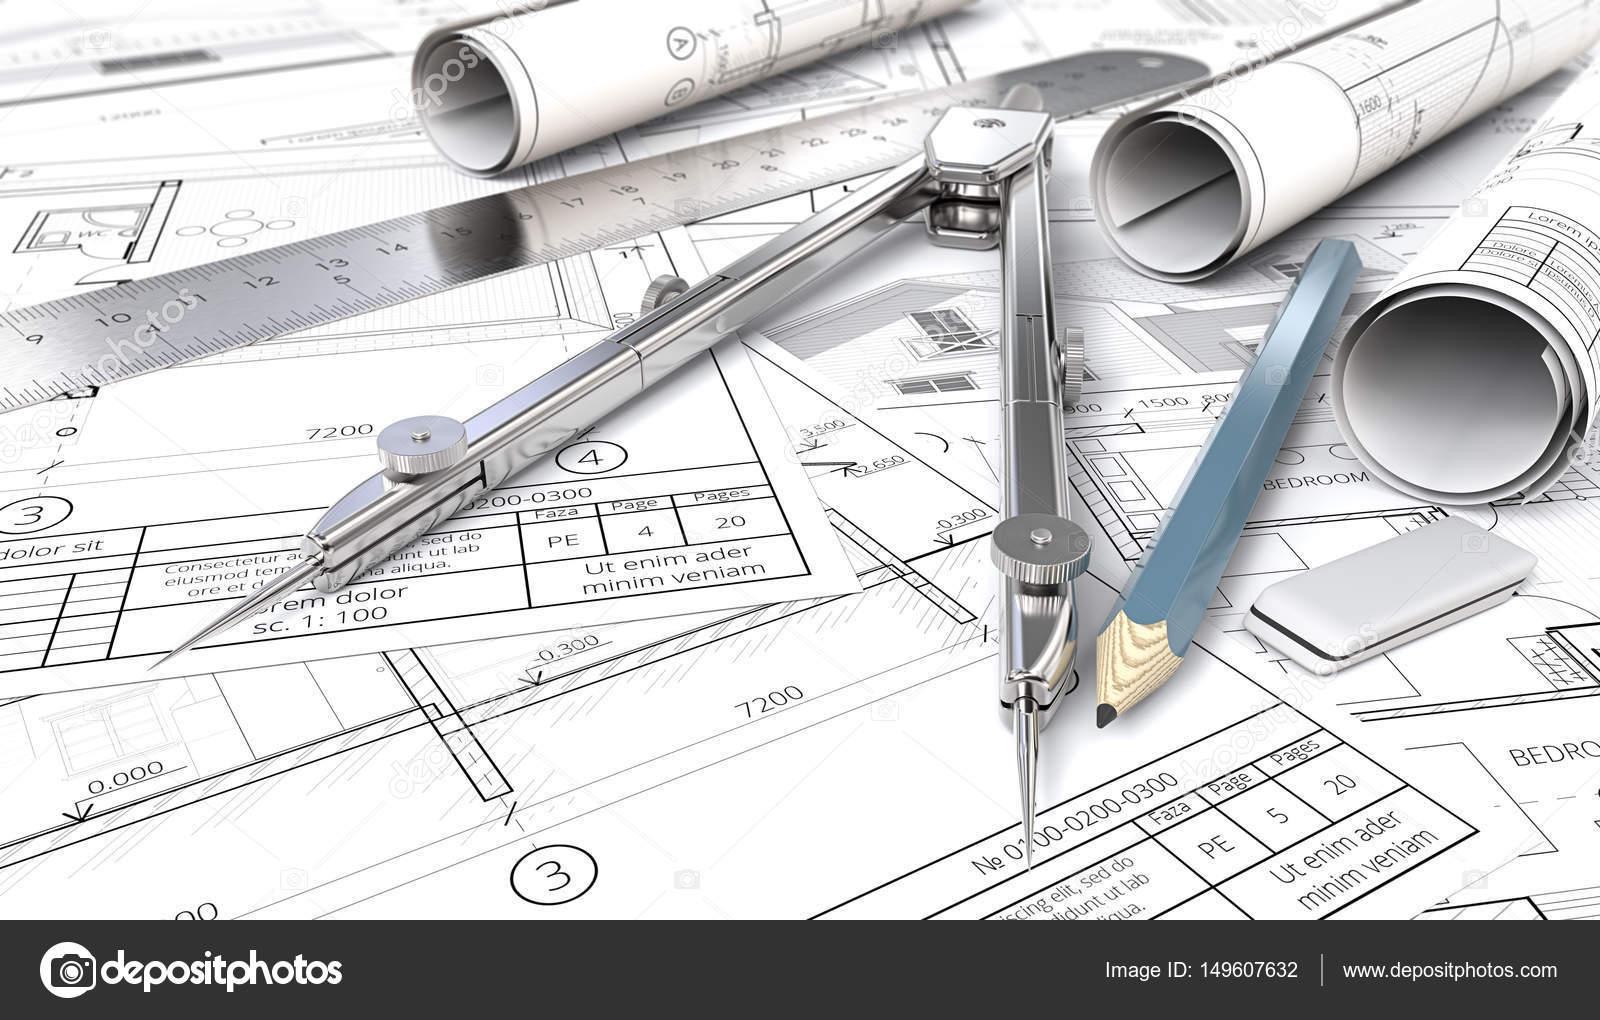 Desde el boceto hasta blueprint fotos de stock johanh 149607632 desde el boceto hasta blueprint fotos de stock malvernweather Image collections